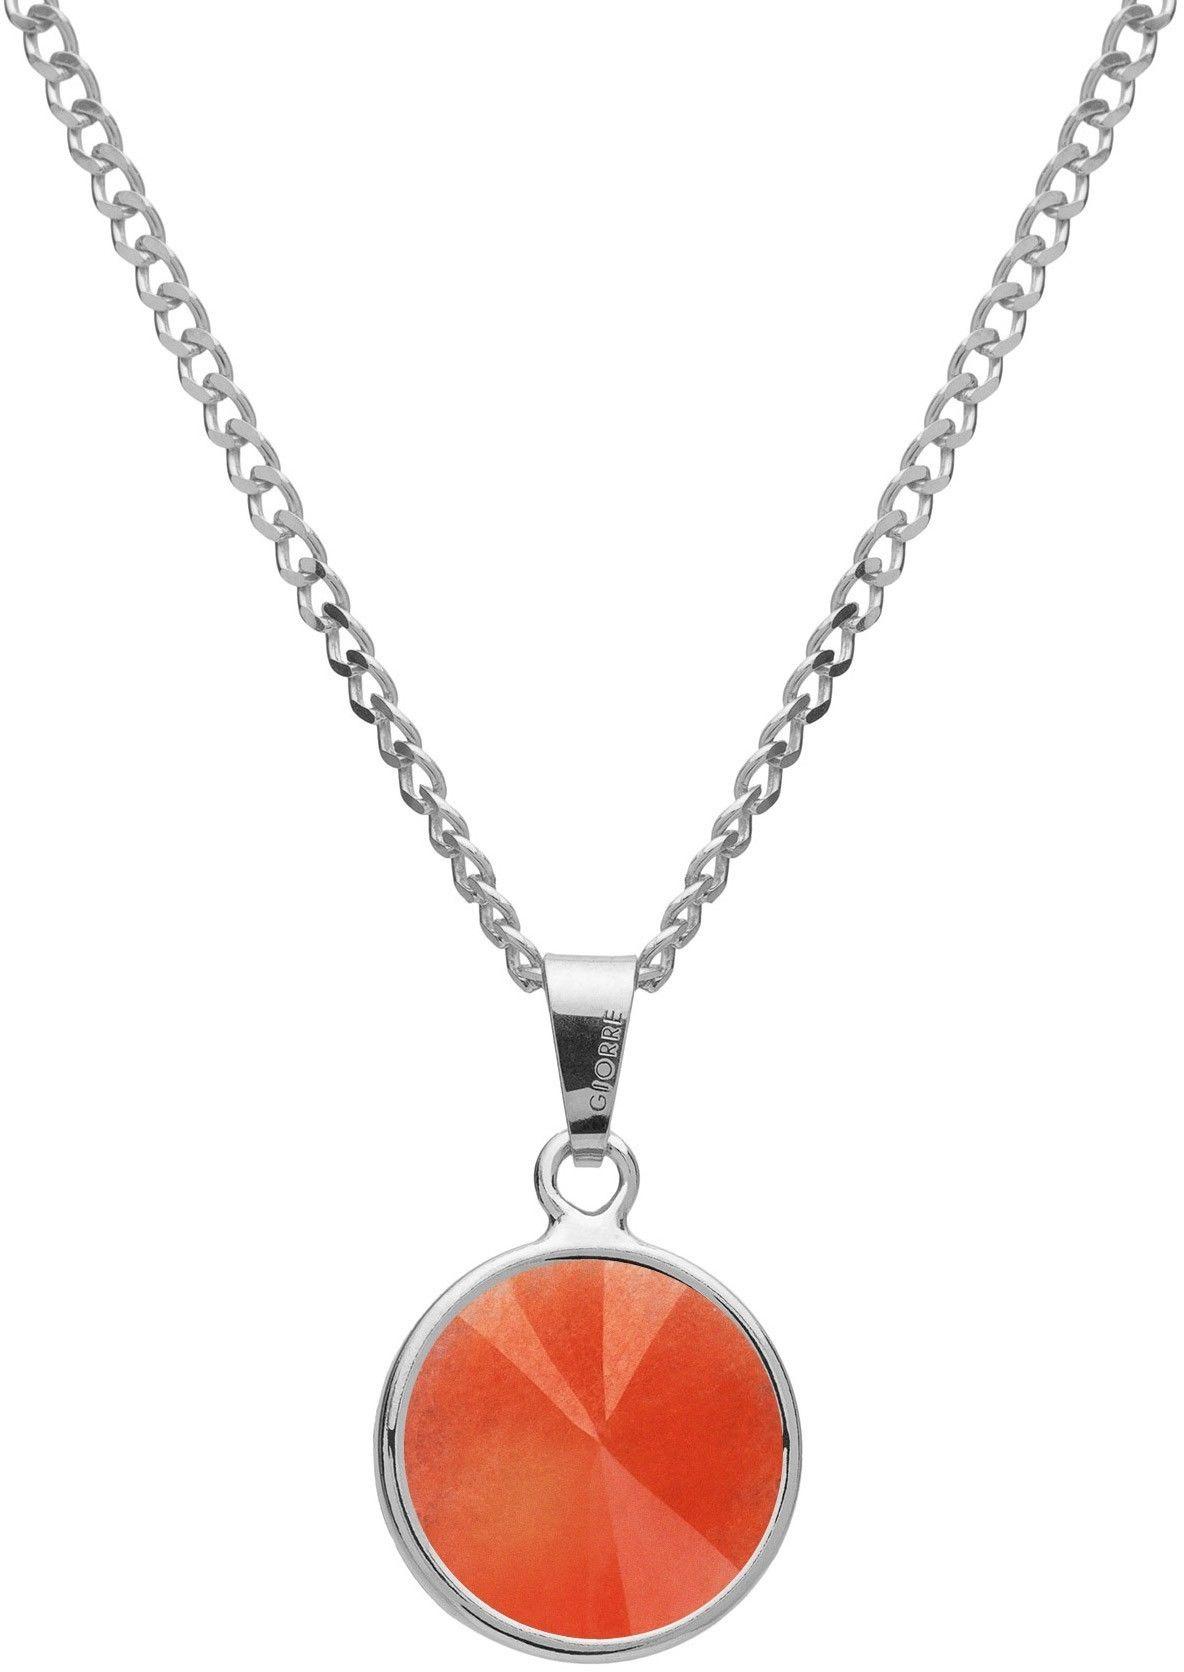 Srebrny naszyjnik z naturalnym kamieniem - jadeit, srebro 925 : Długość (cm) - 40 + 5 , Kamienie naturalne - kolor - jadeit pomarańczowy, Srebro - kolor pokrycia - Pokrycie platyną